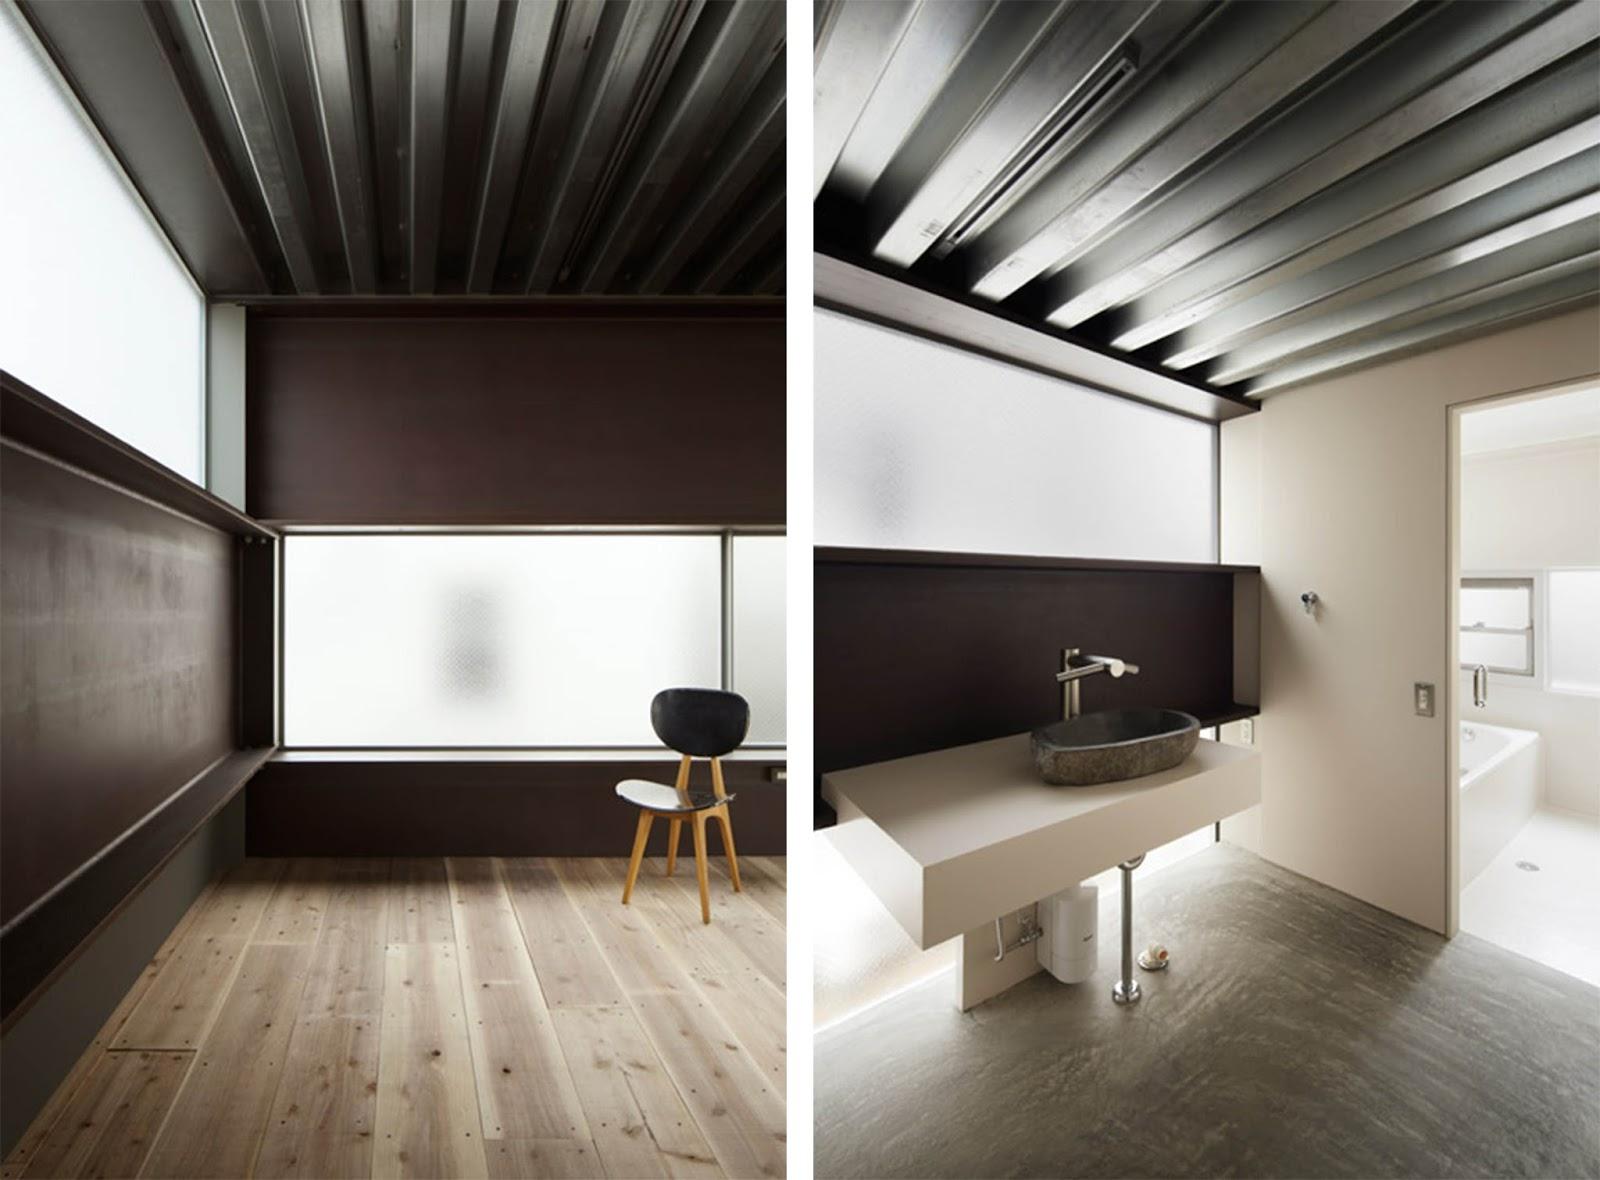 Casa in stile giapponese shinkabe rivisitata in chiave - Stile casa moderna ...